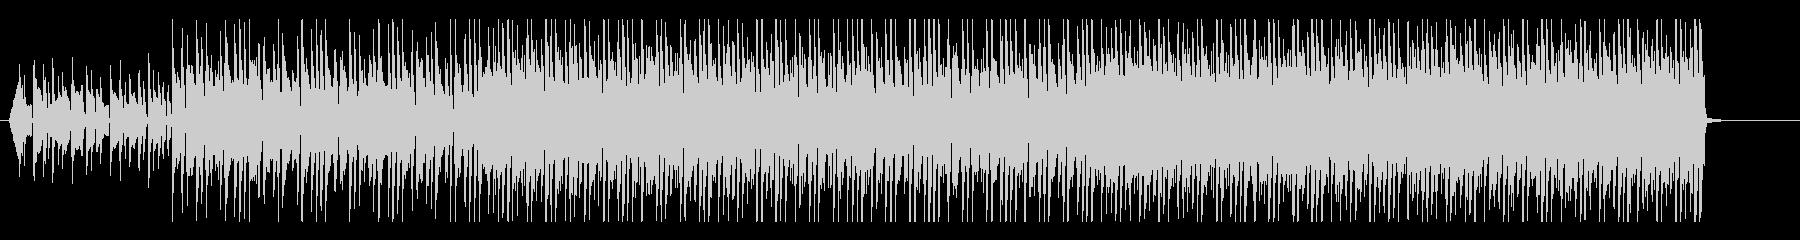 【エレクトロポップ】元気が出るCM・動画の未再生の波形